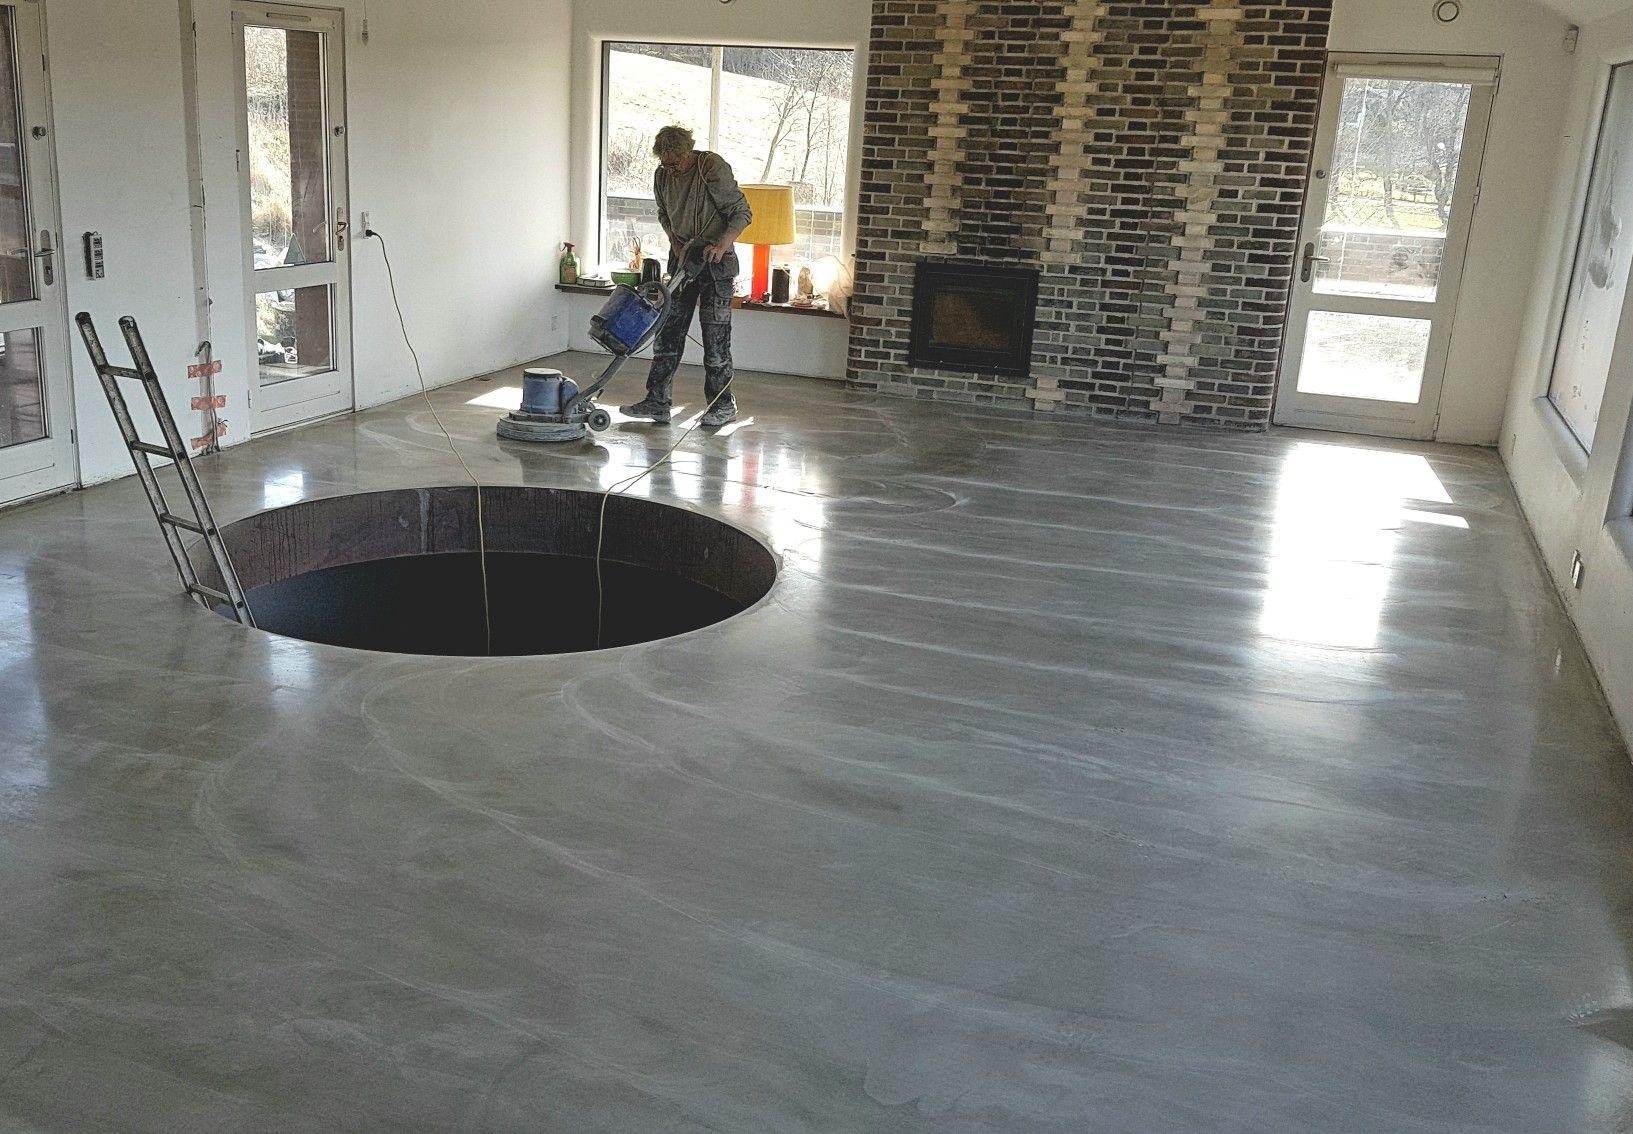 Poleret betongulv er tidsløst og god boliginspiration   CS Colorscreed betongulve